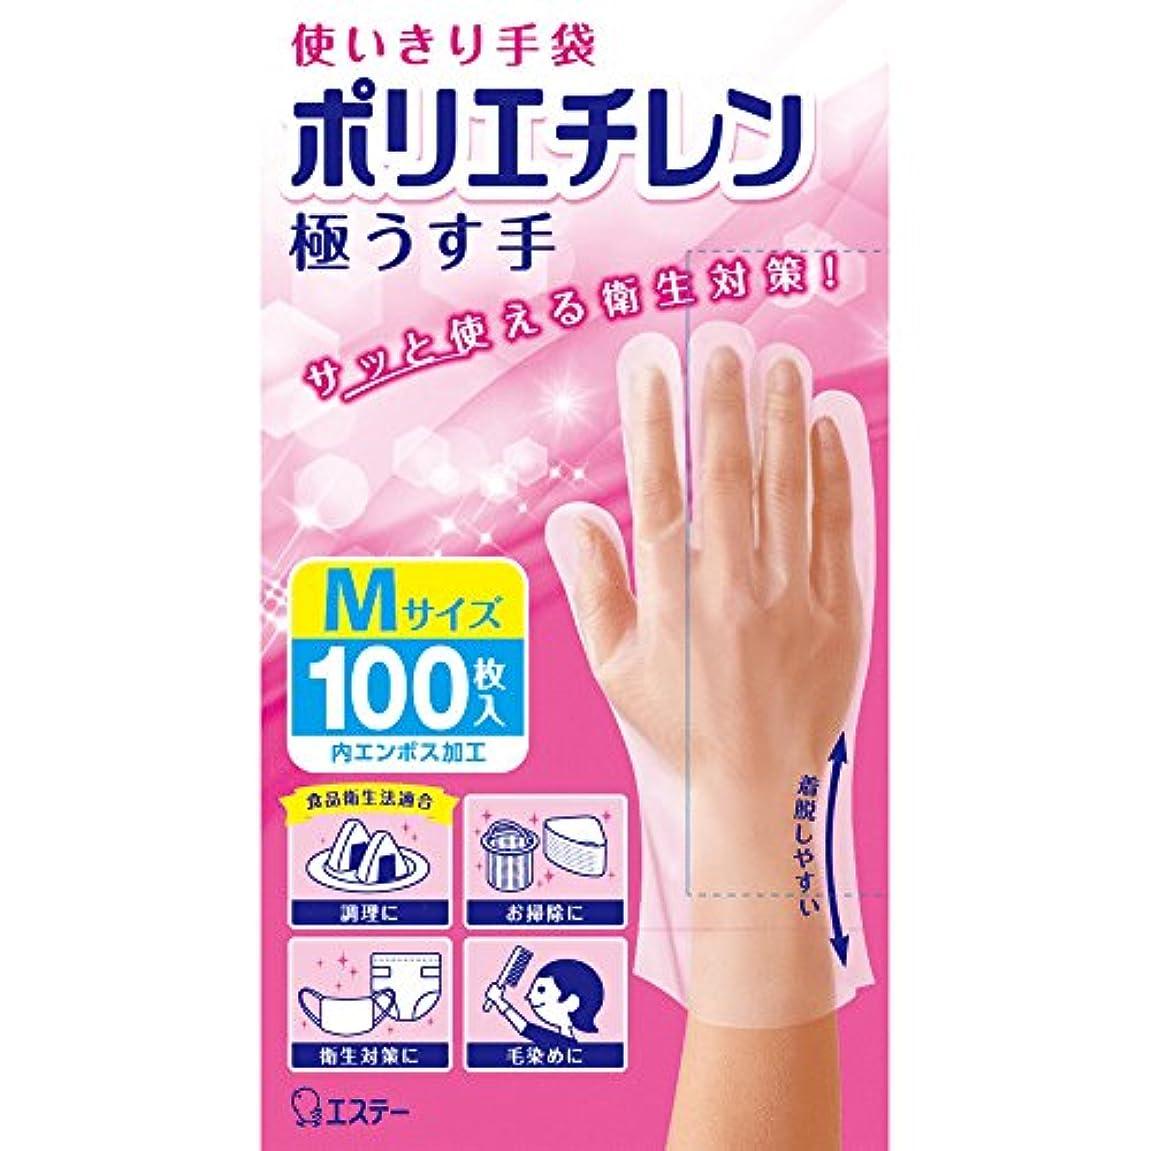 終わった地震葉使いきり手袋 ポリエチレン 極うす手 Mサイズ 半透明 100枚